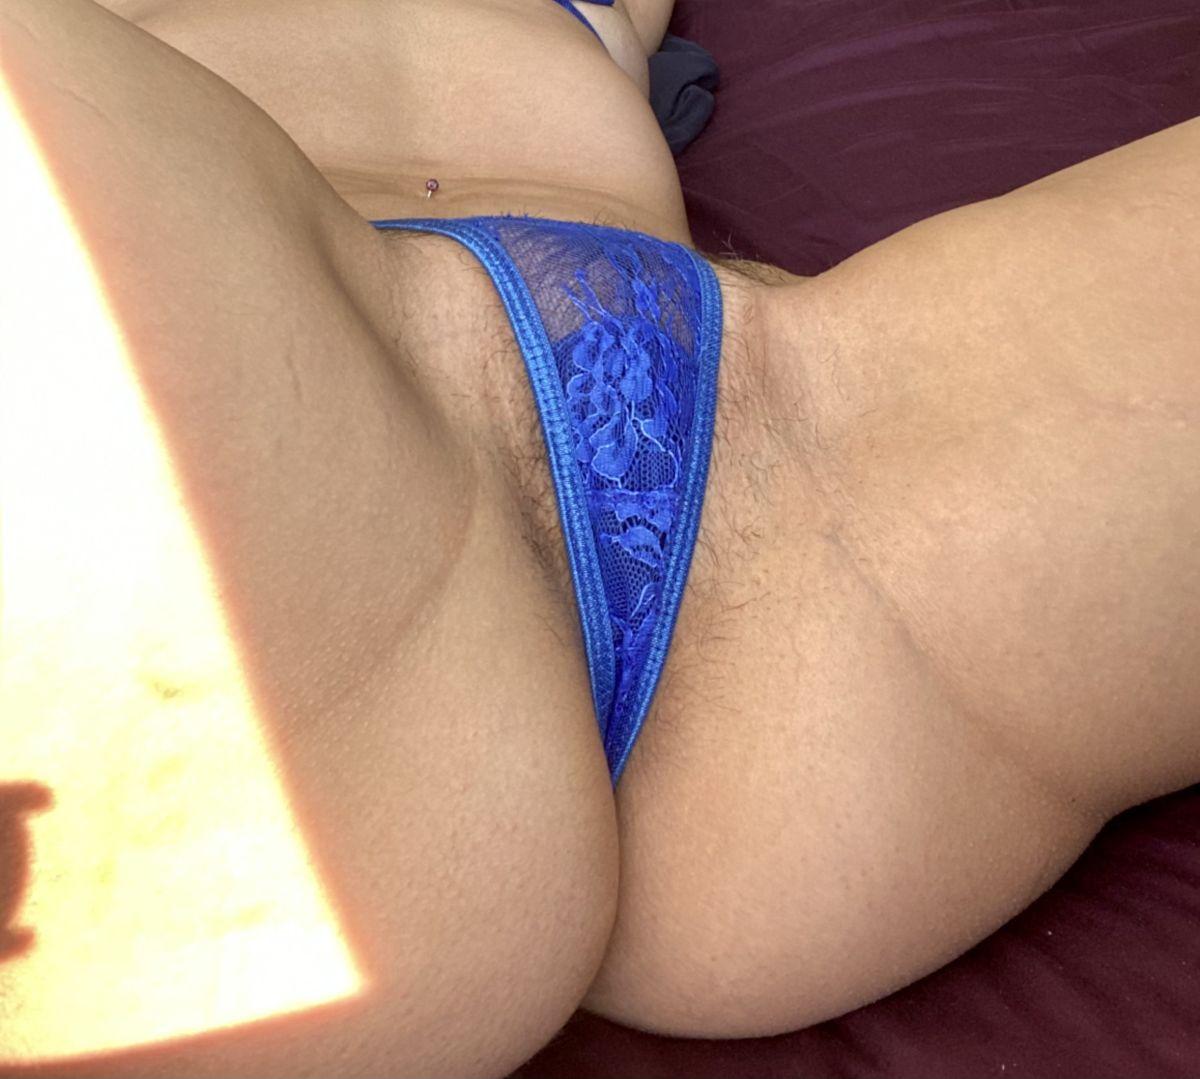 @rebeccaravishpanties